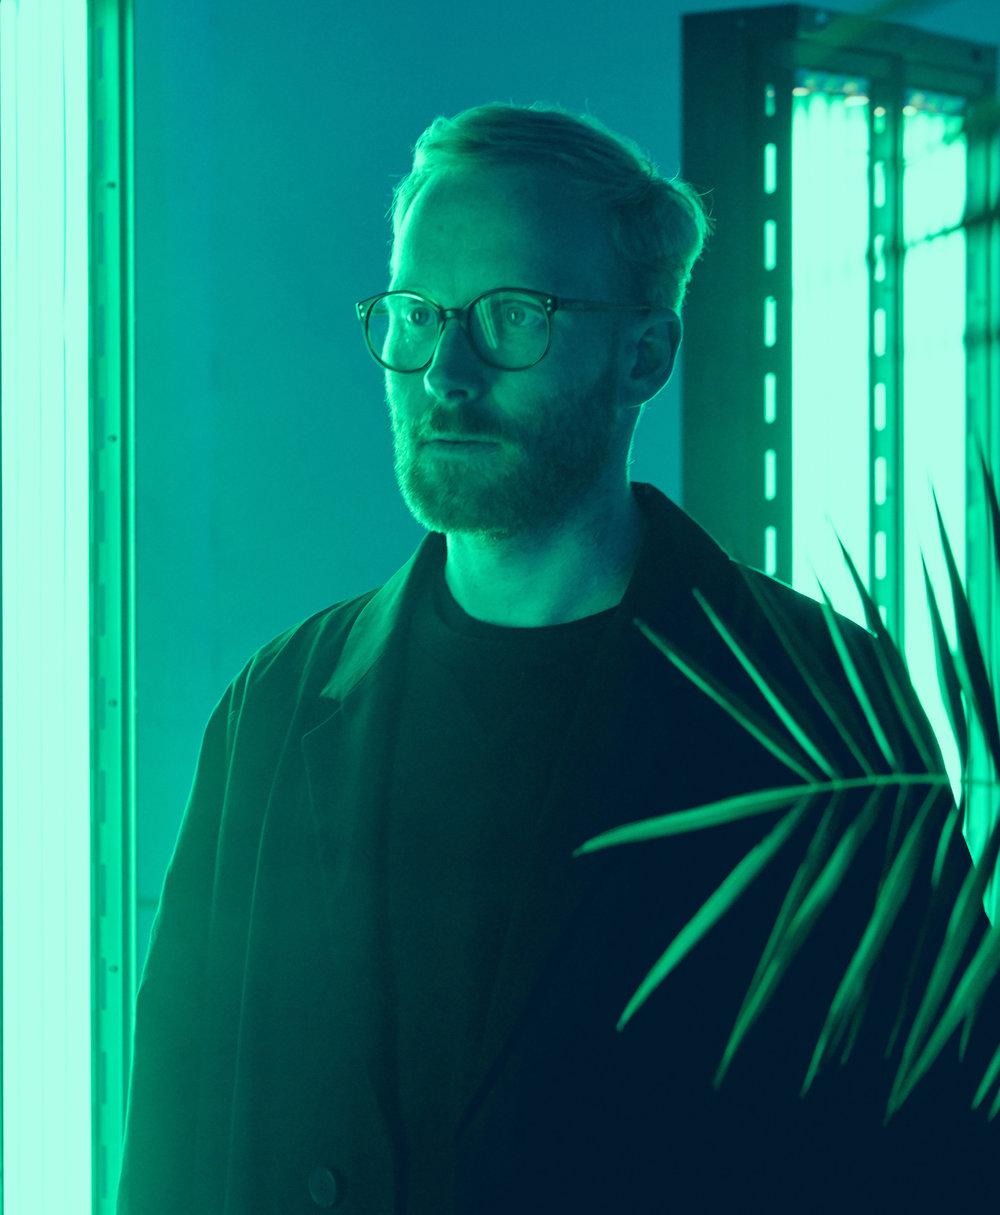 Ben K - Portrait